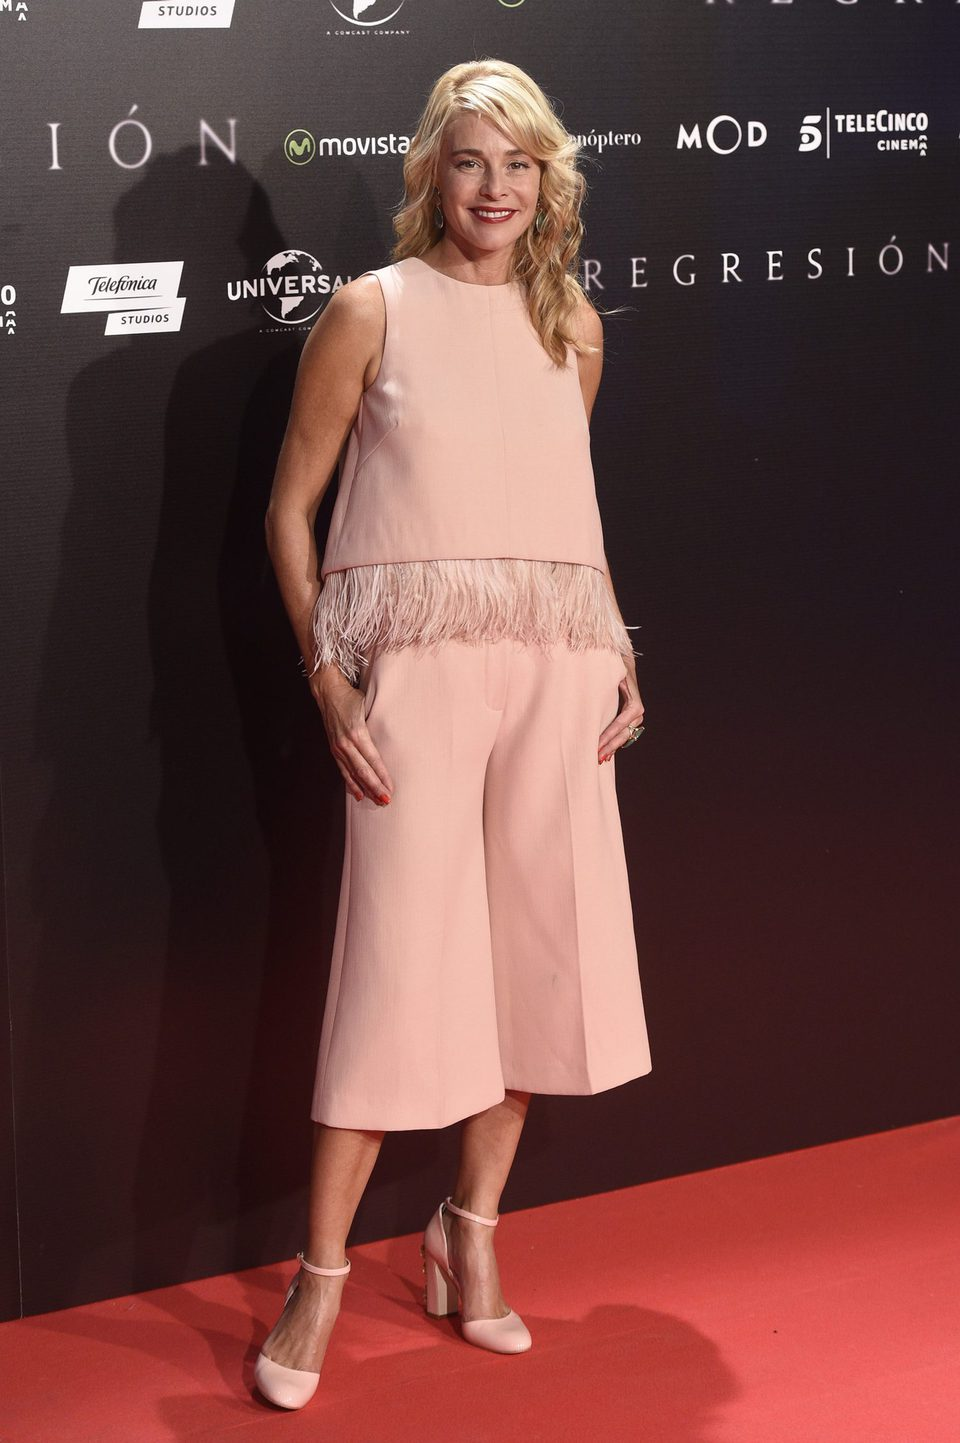 Belén Rueda en la Premiere de 'Regresión' en Madrid